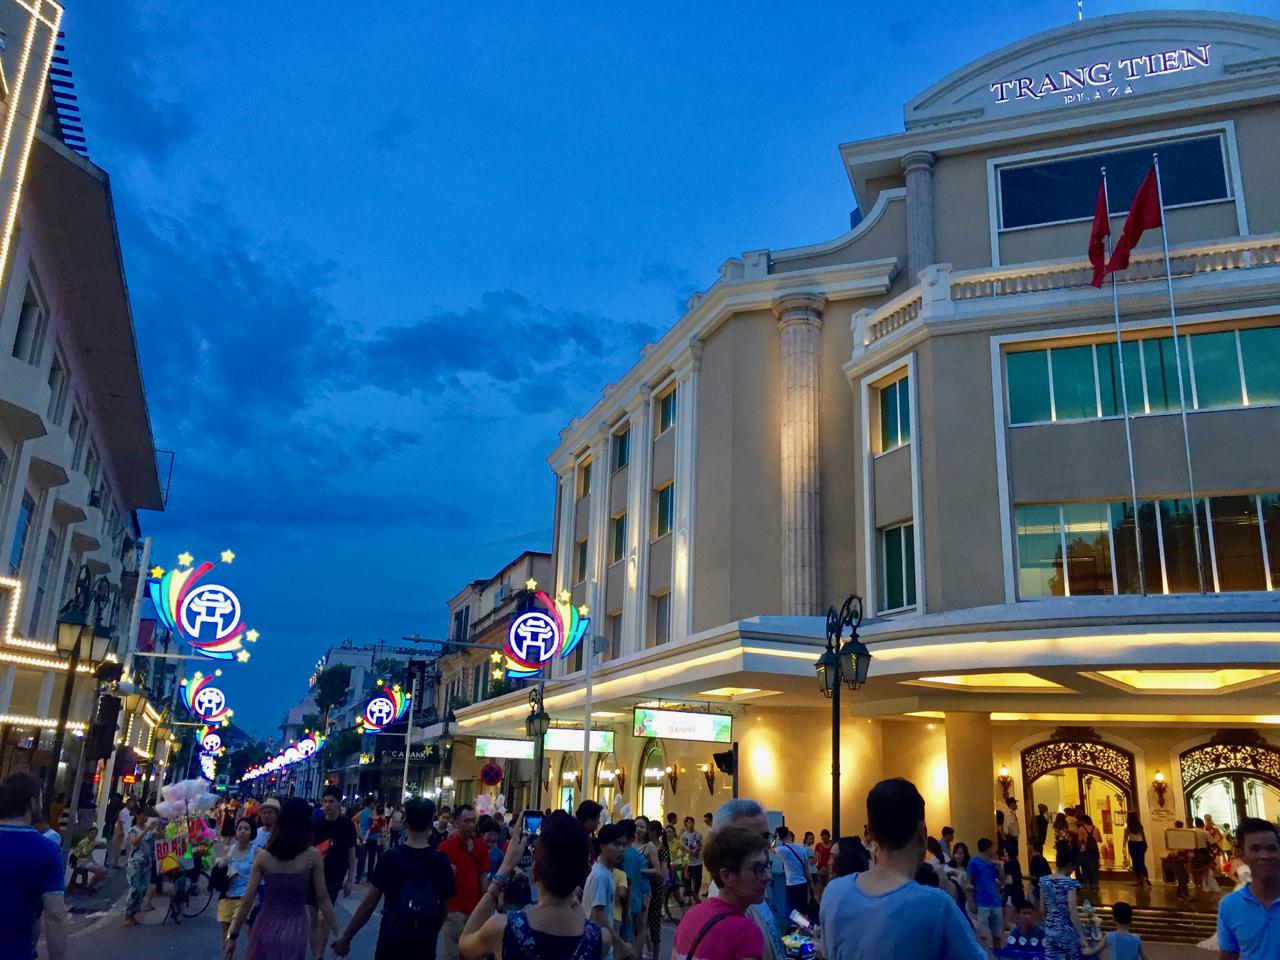 Trang Tien Plaza.jpg